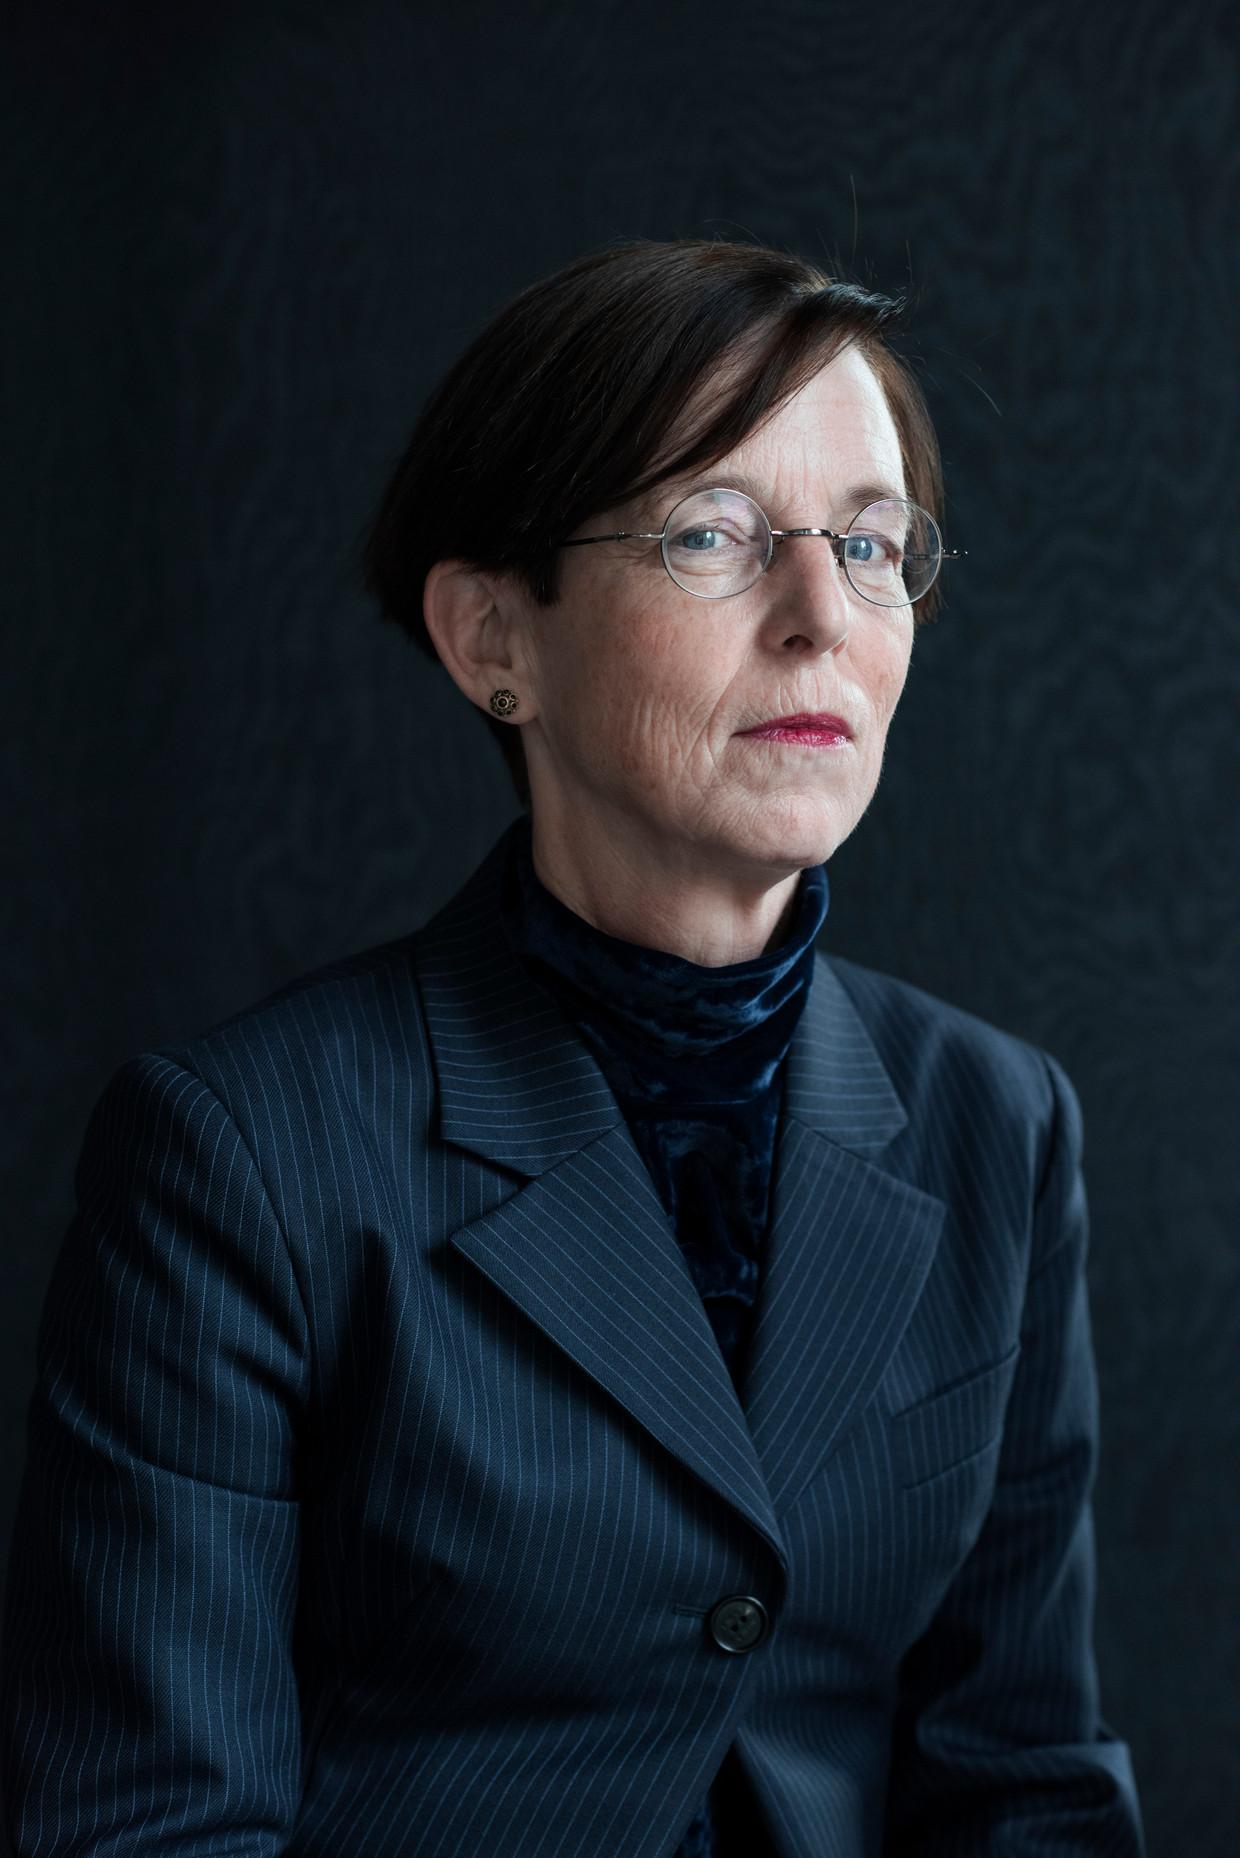 Laura van Geest, bestuursvoorzitter van de Autoriteit Financiële Markten. Beeld Linelle Deunk